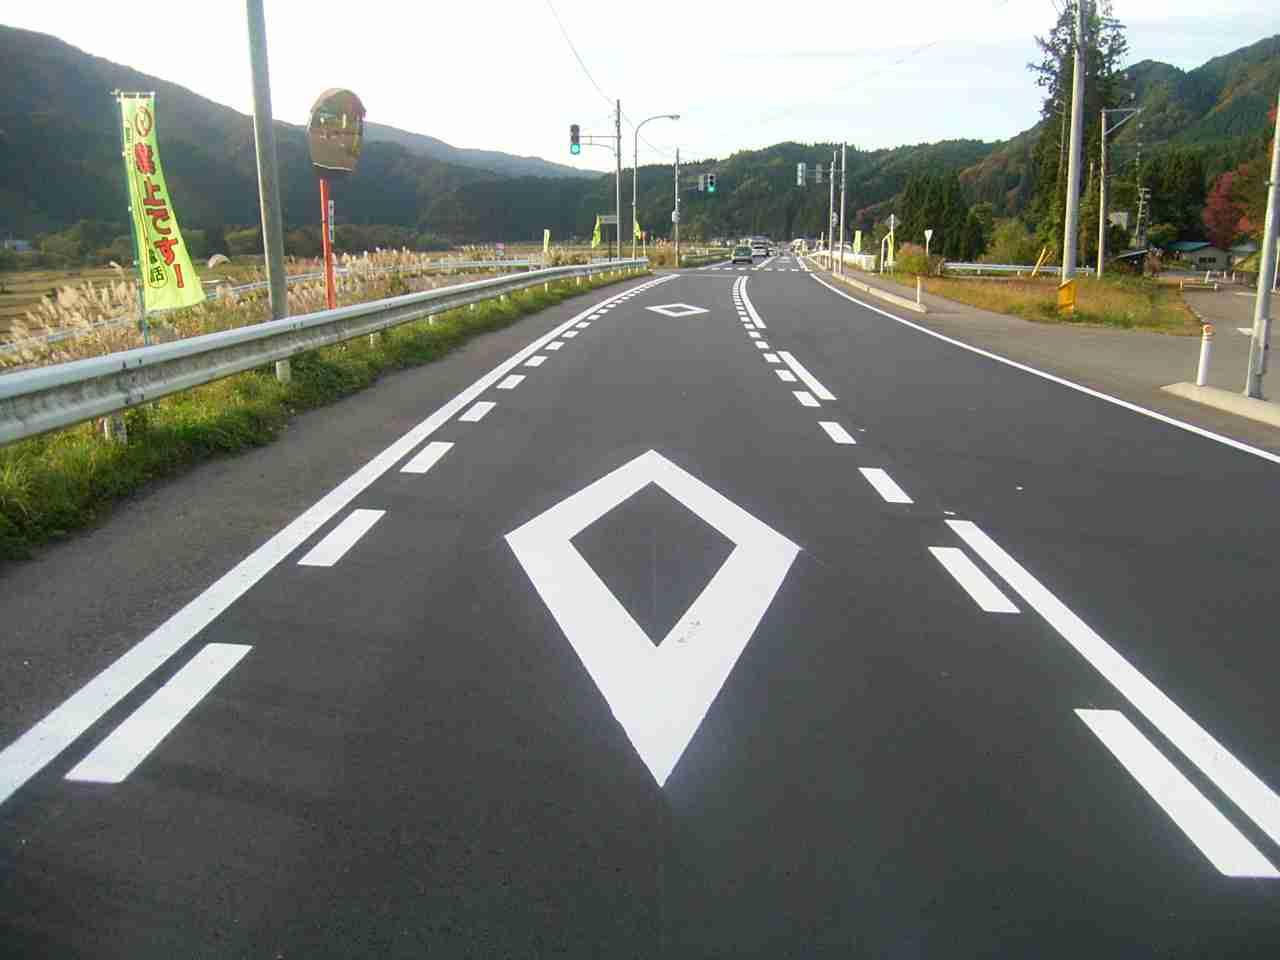 信号機のない横断歩道、止まらぬ車 運転者の意見は?